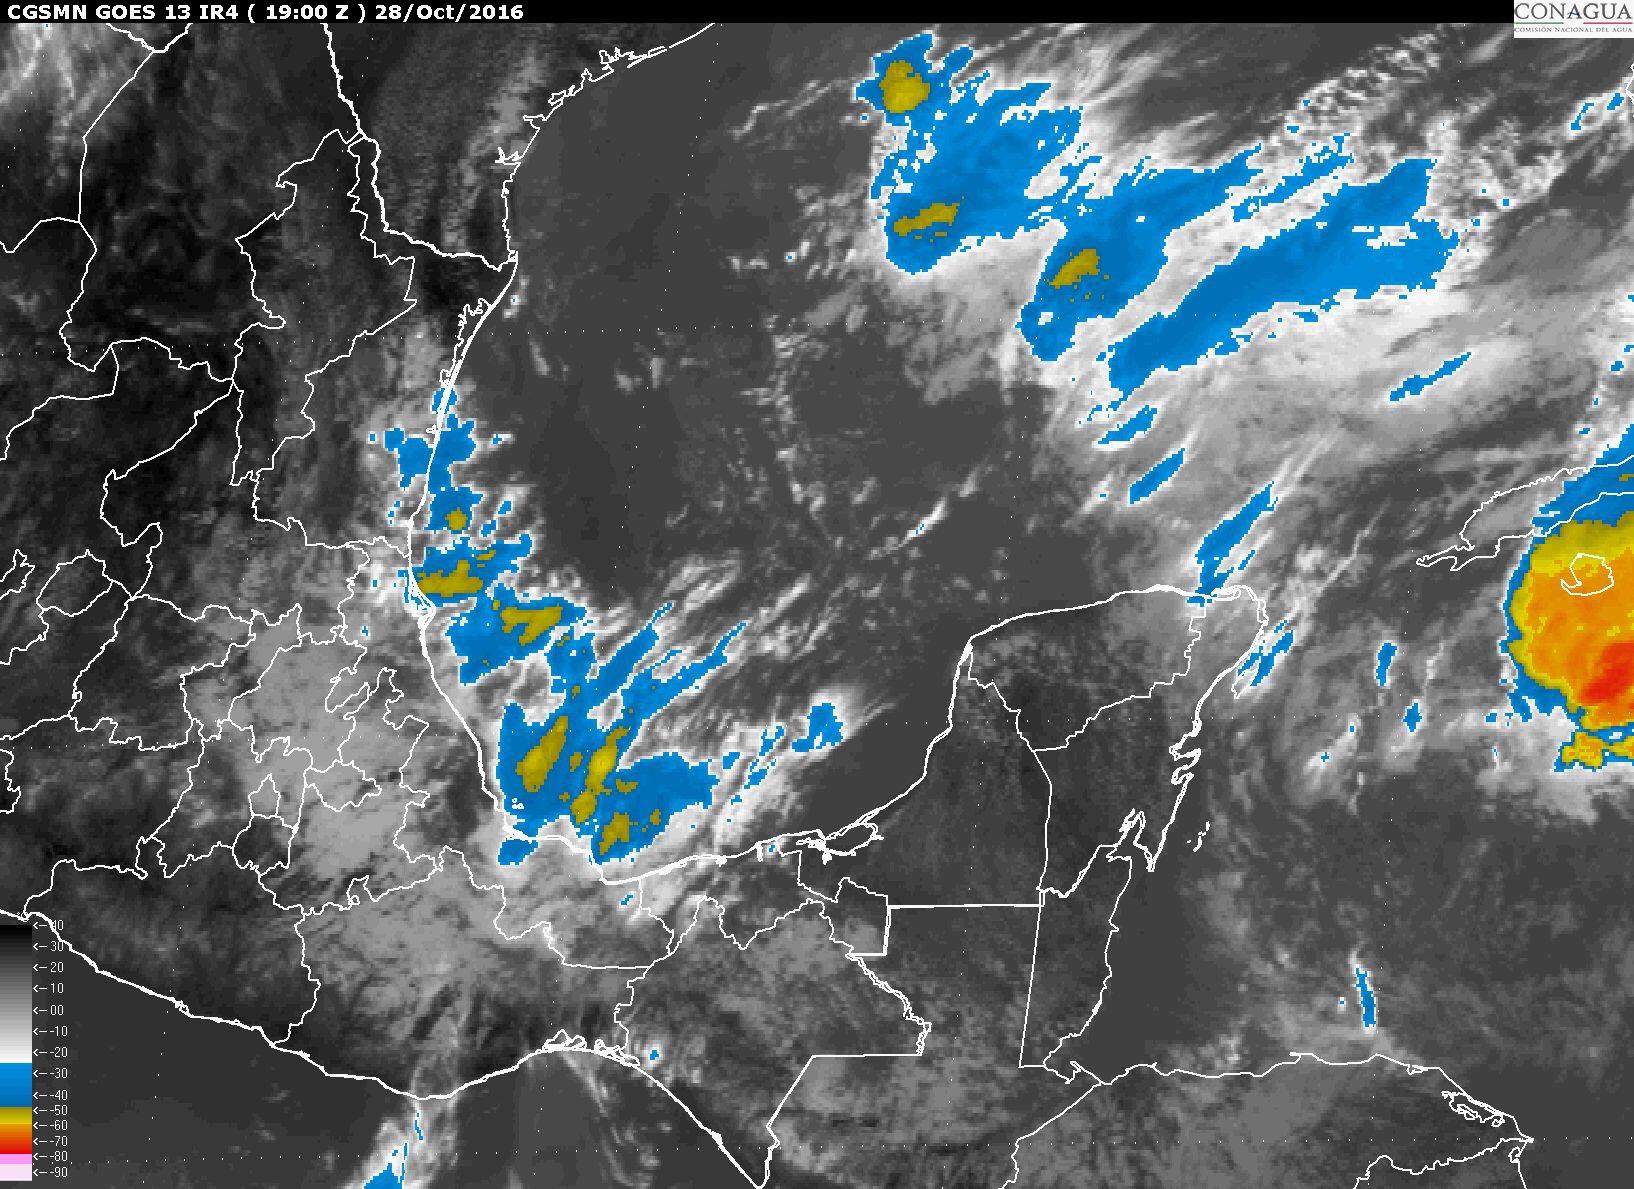 Clima inestable para fin de semana en Península de Yucatán